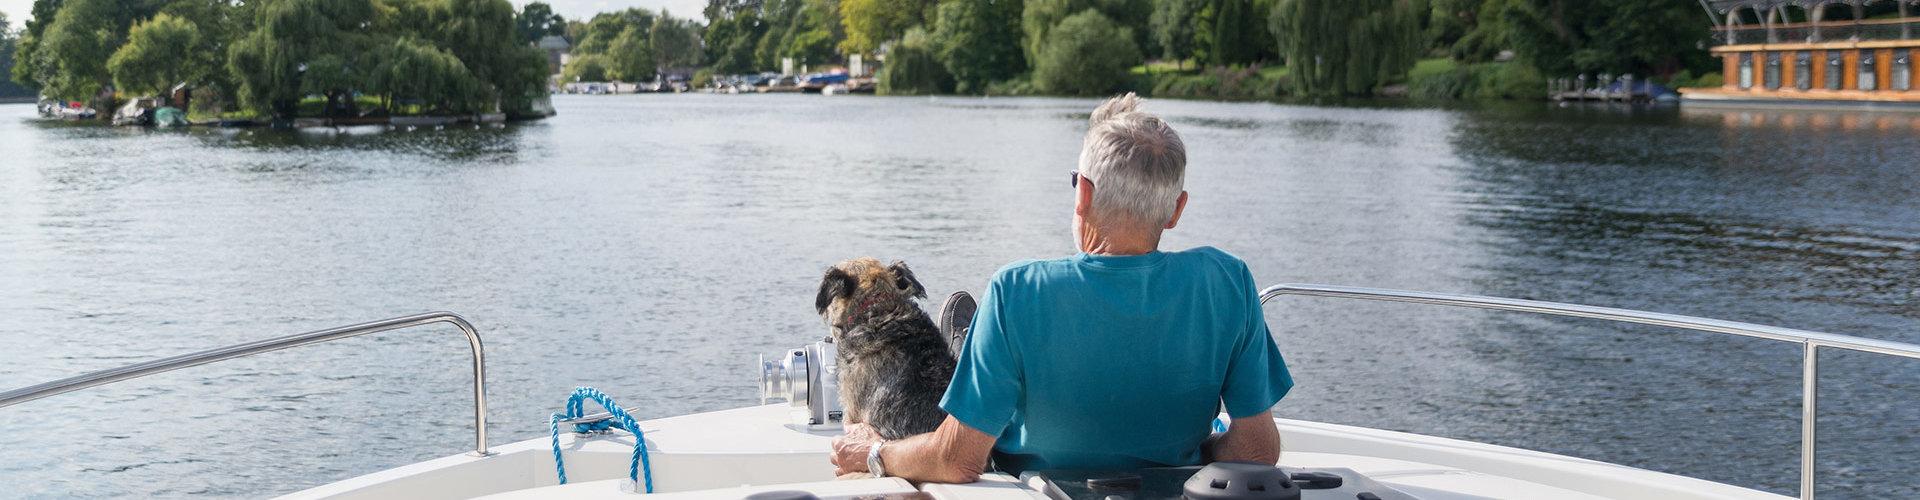 Perro en barco